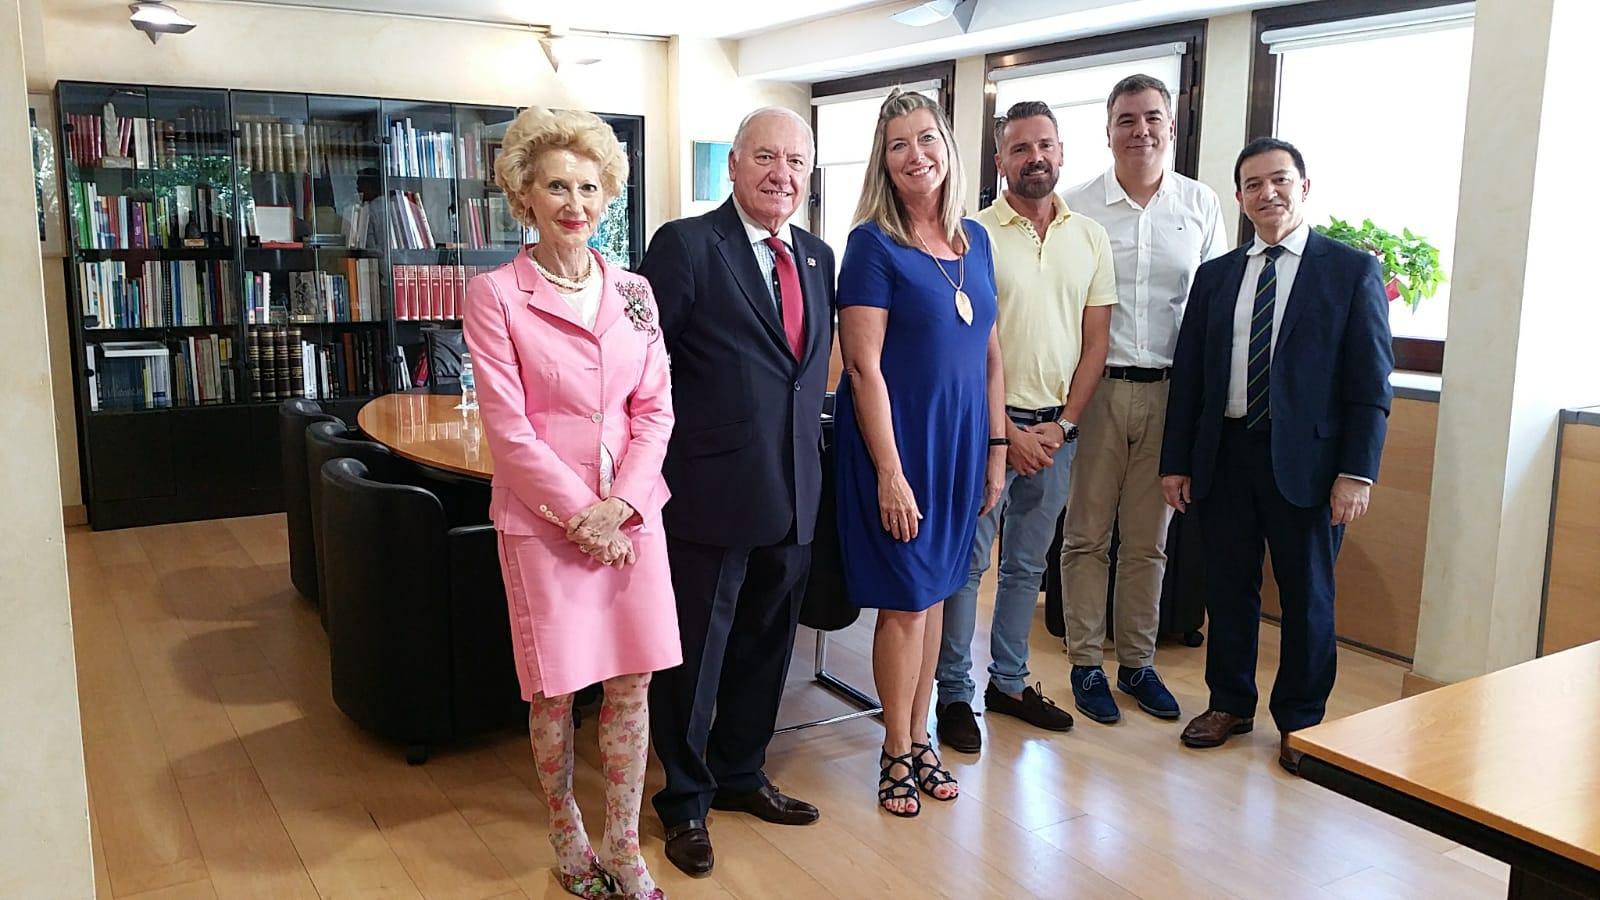 La consejera de Salud de Baleares se reúne con el CGE para unir fuerzas por el desarrollo de la Enfermería